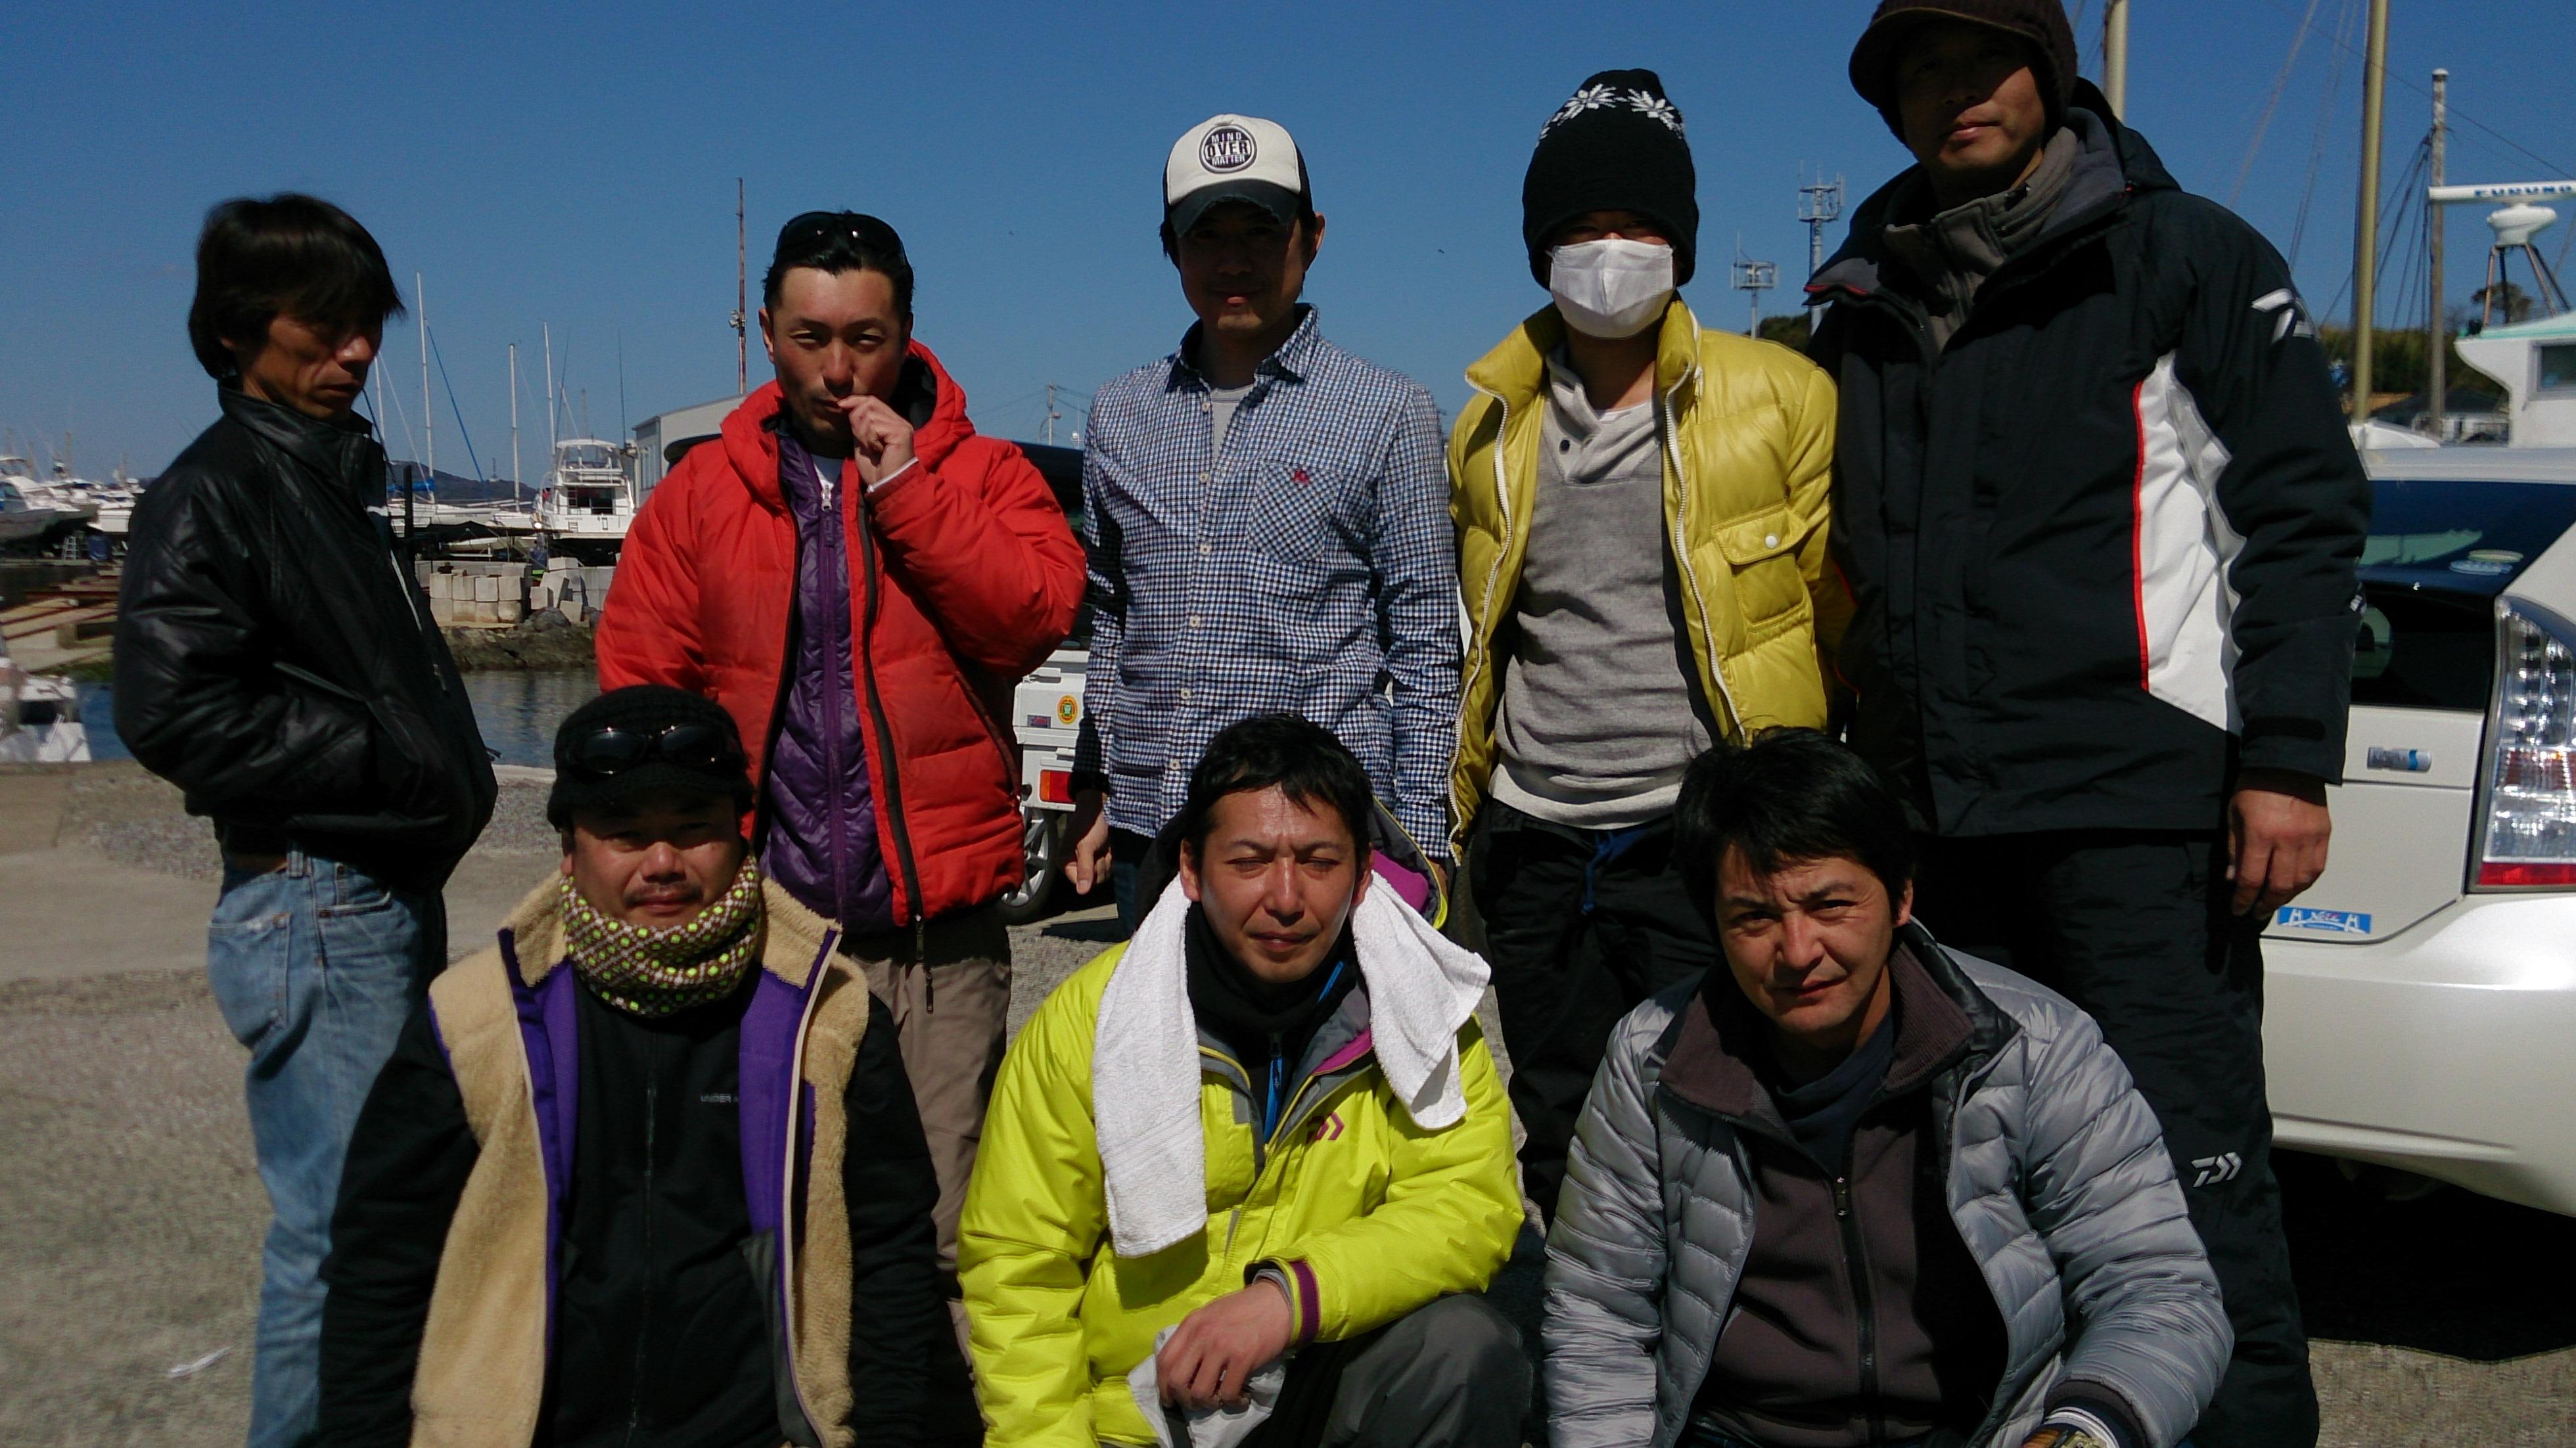 moblog_e8dfe416.jpg